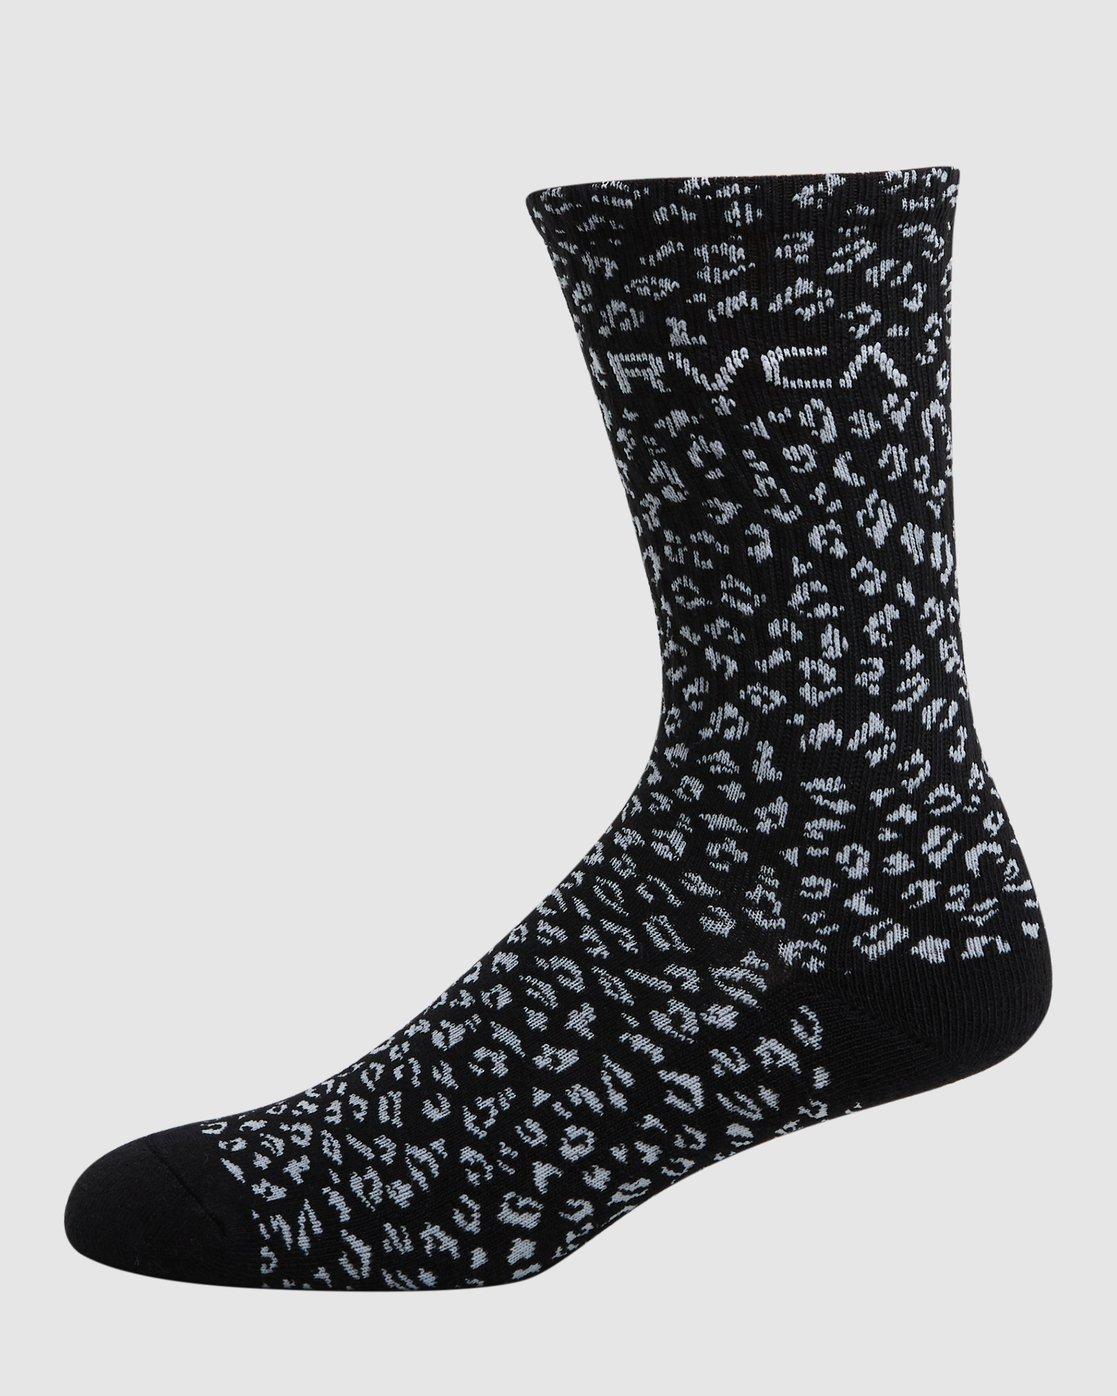 3 RVCA Multi Sock - 4 Pack  R107601 RVCA